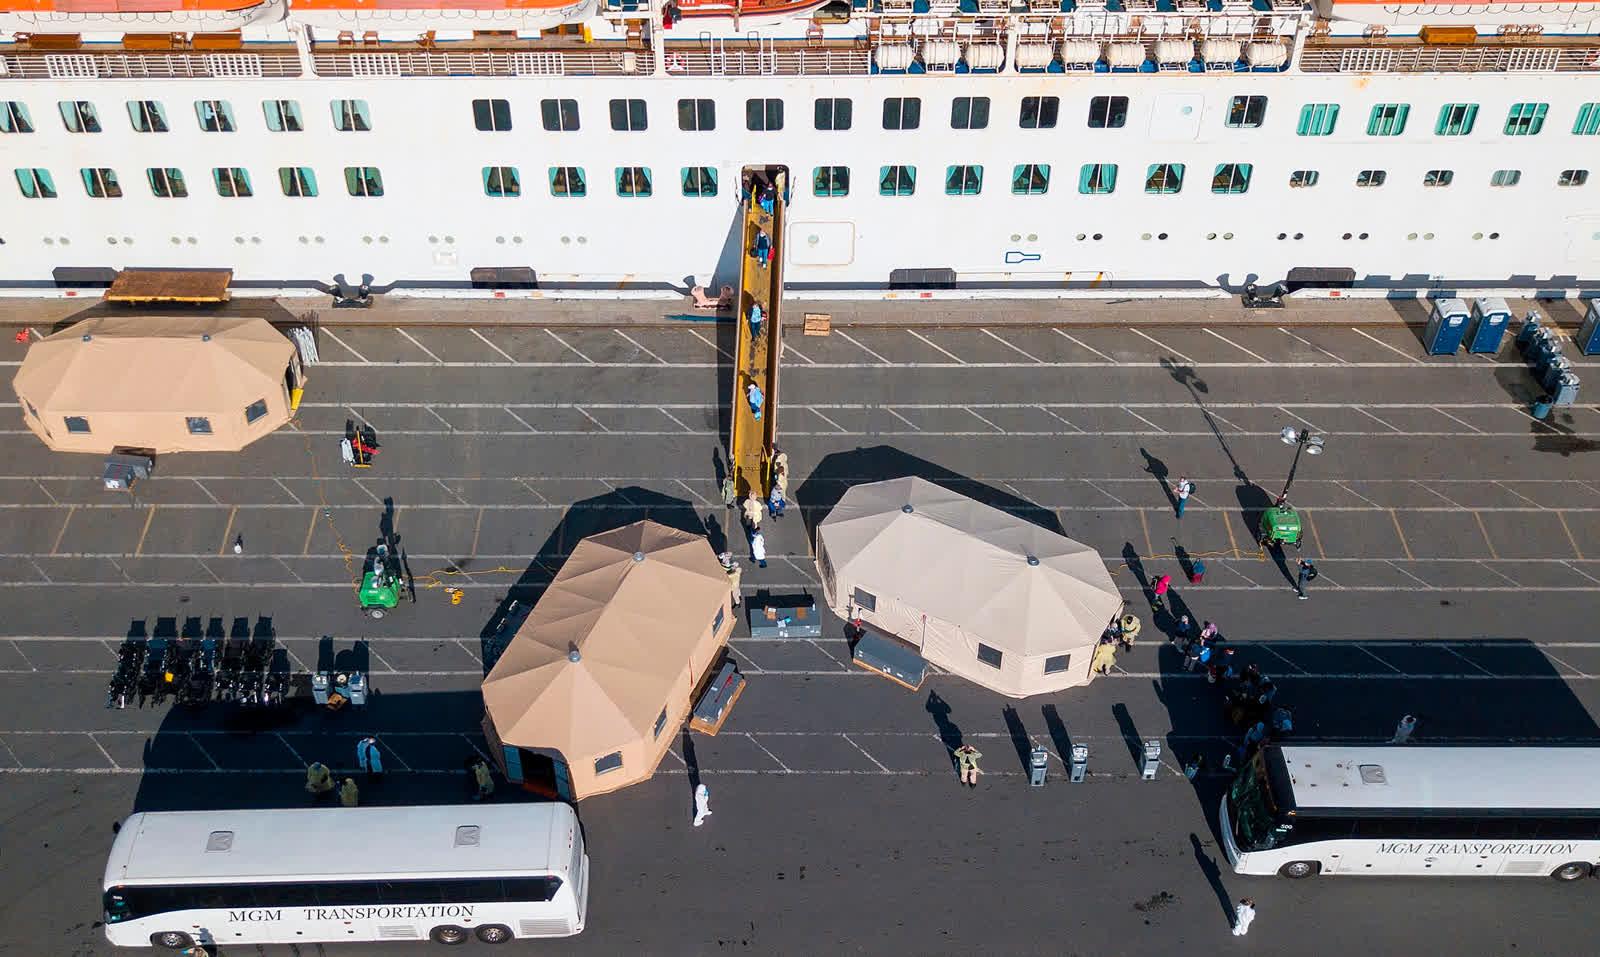 3 дугаар сарын 10: АНУ-ын Калифорни муж. Олон хоногоор тусгаарлагдсан байсан зорчигчдыг онгоцноос буулгаж буй дүр зураг /Photo by Josh Edelson/